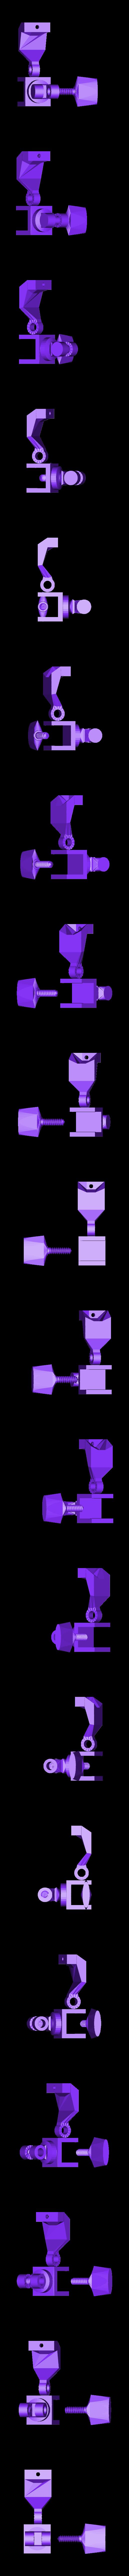 ender_clip_for_UV_lamp.stl Télécharger fichier STL gratuit Support de lampe UV pour le rail 2020 • Modèle à imprimer en 3D, lysithea81